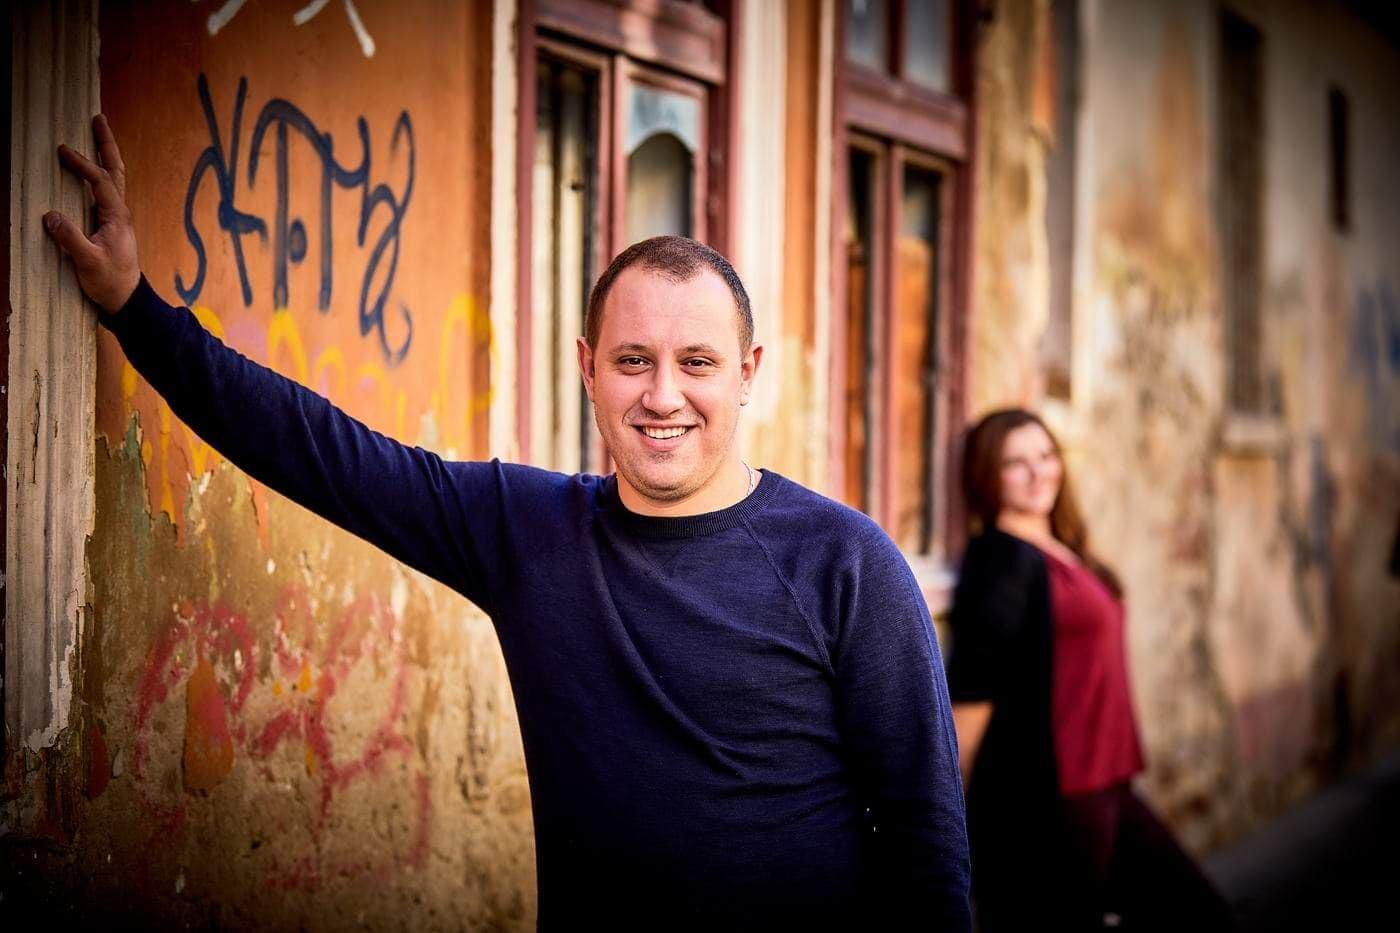 Sedinta fotografica Brasov